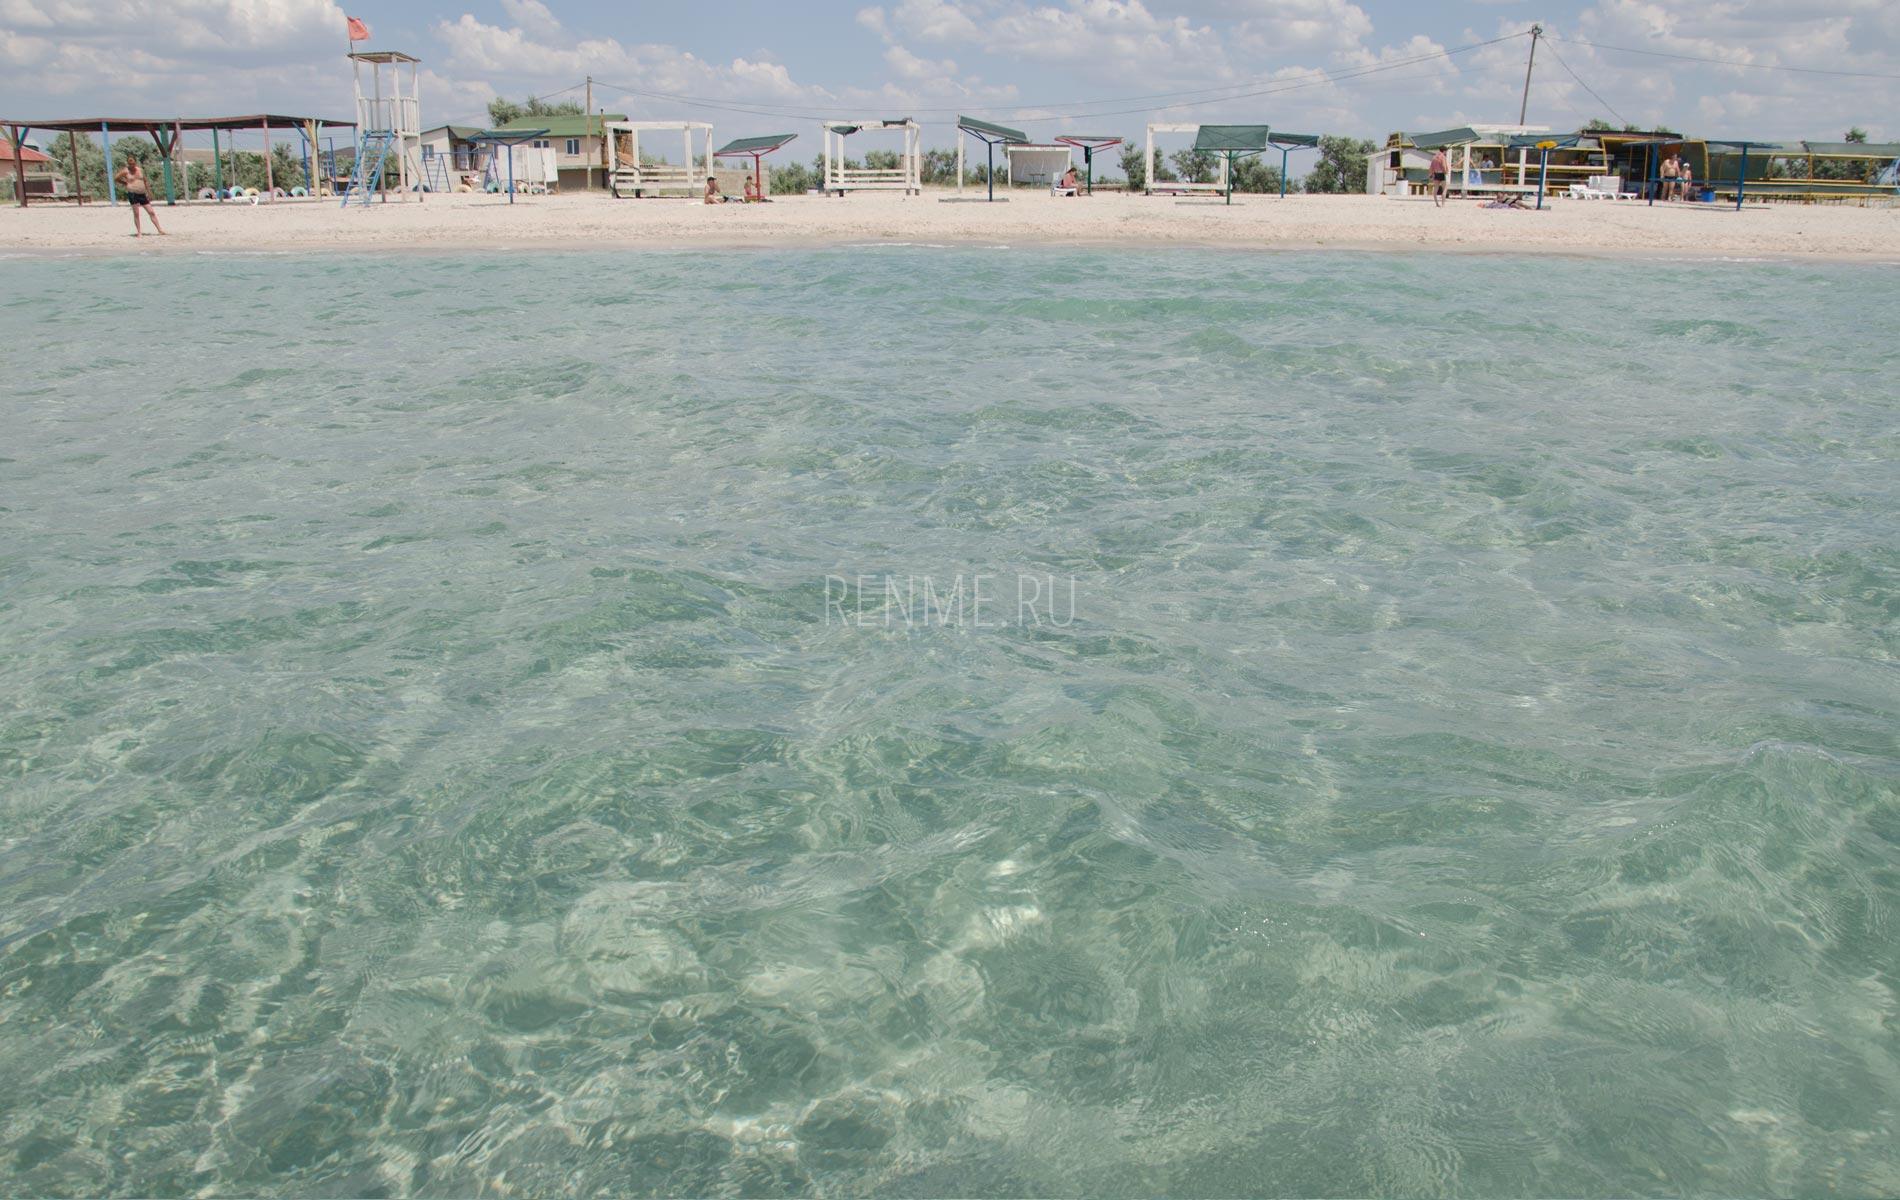 Какое побережье Черного моря в Штормовом. Фото Штормового